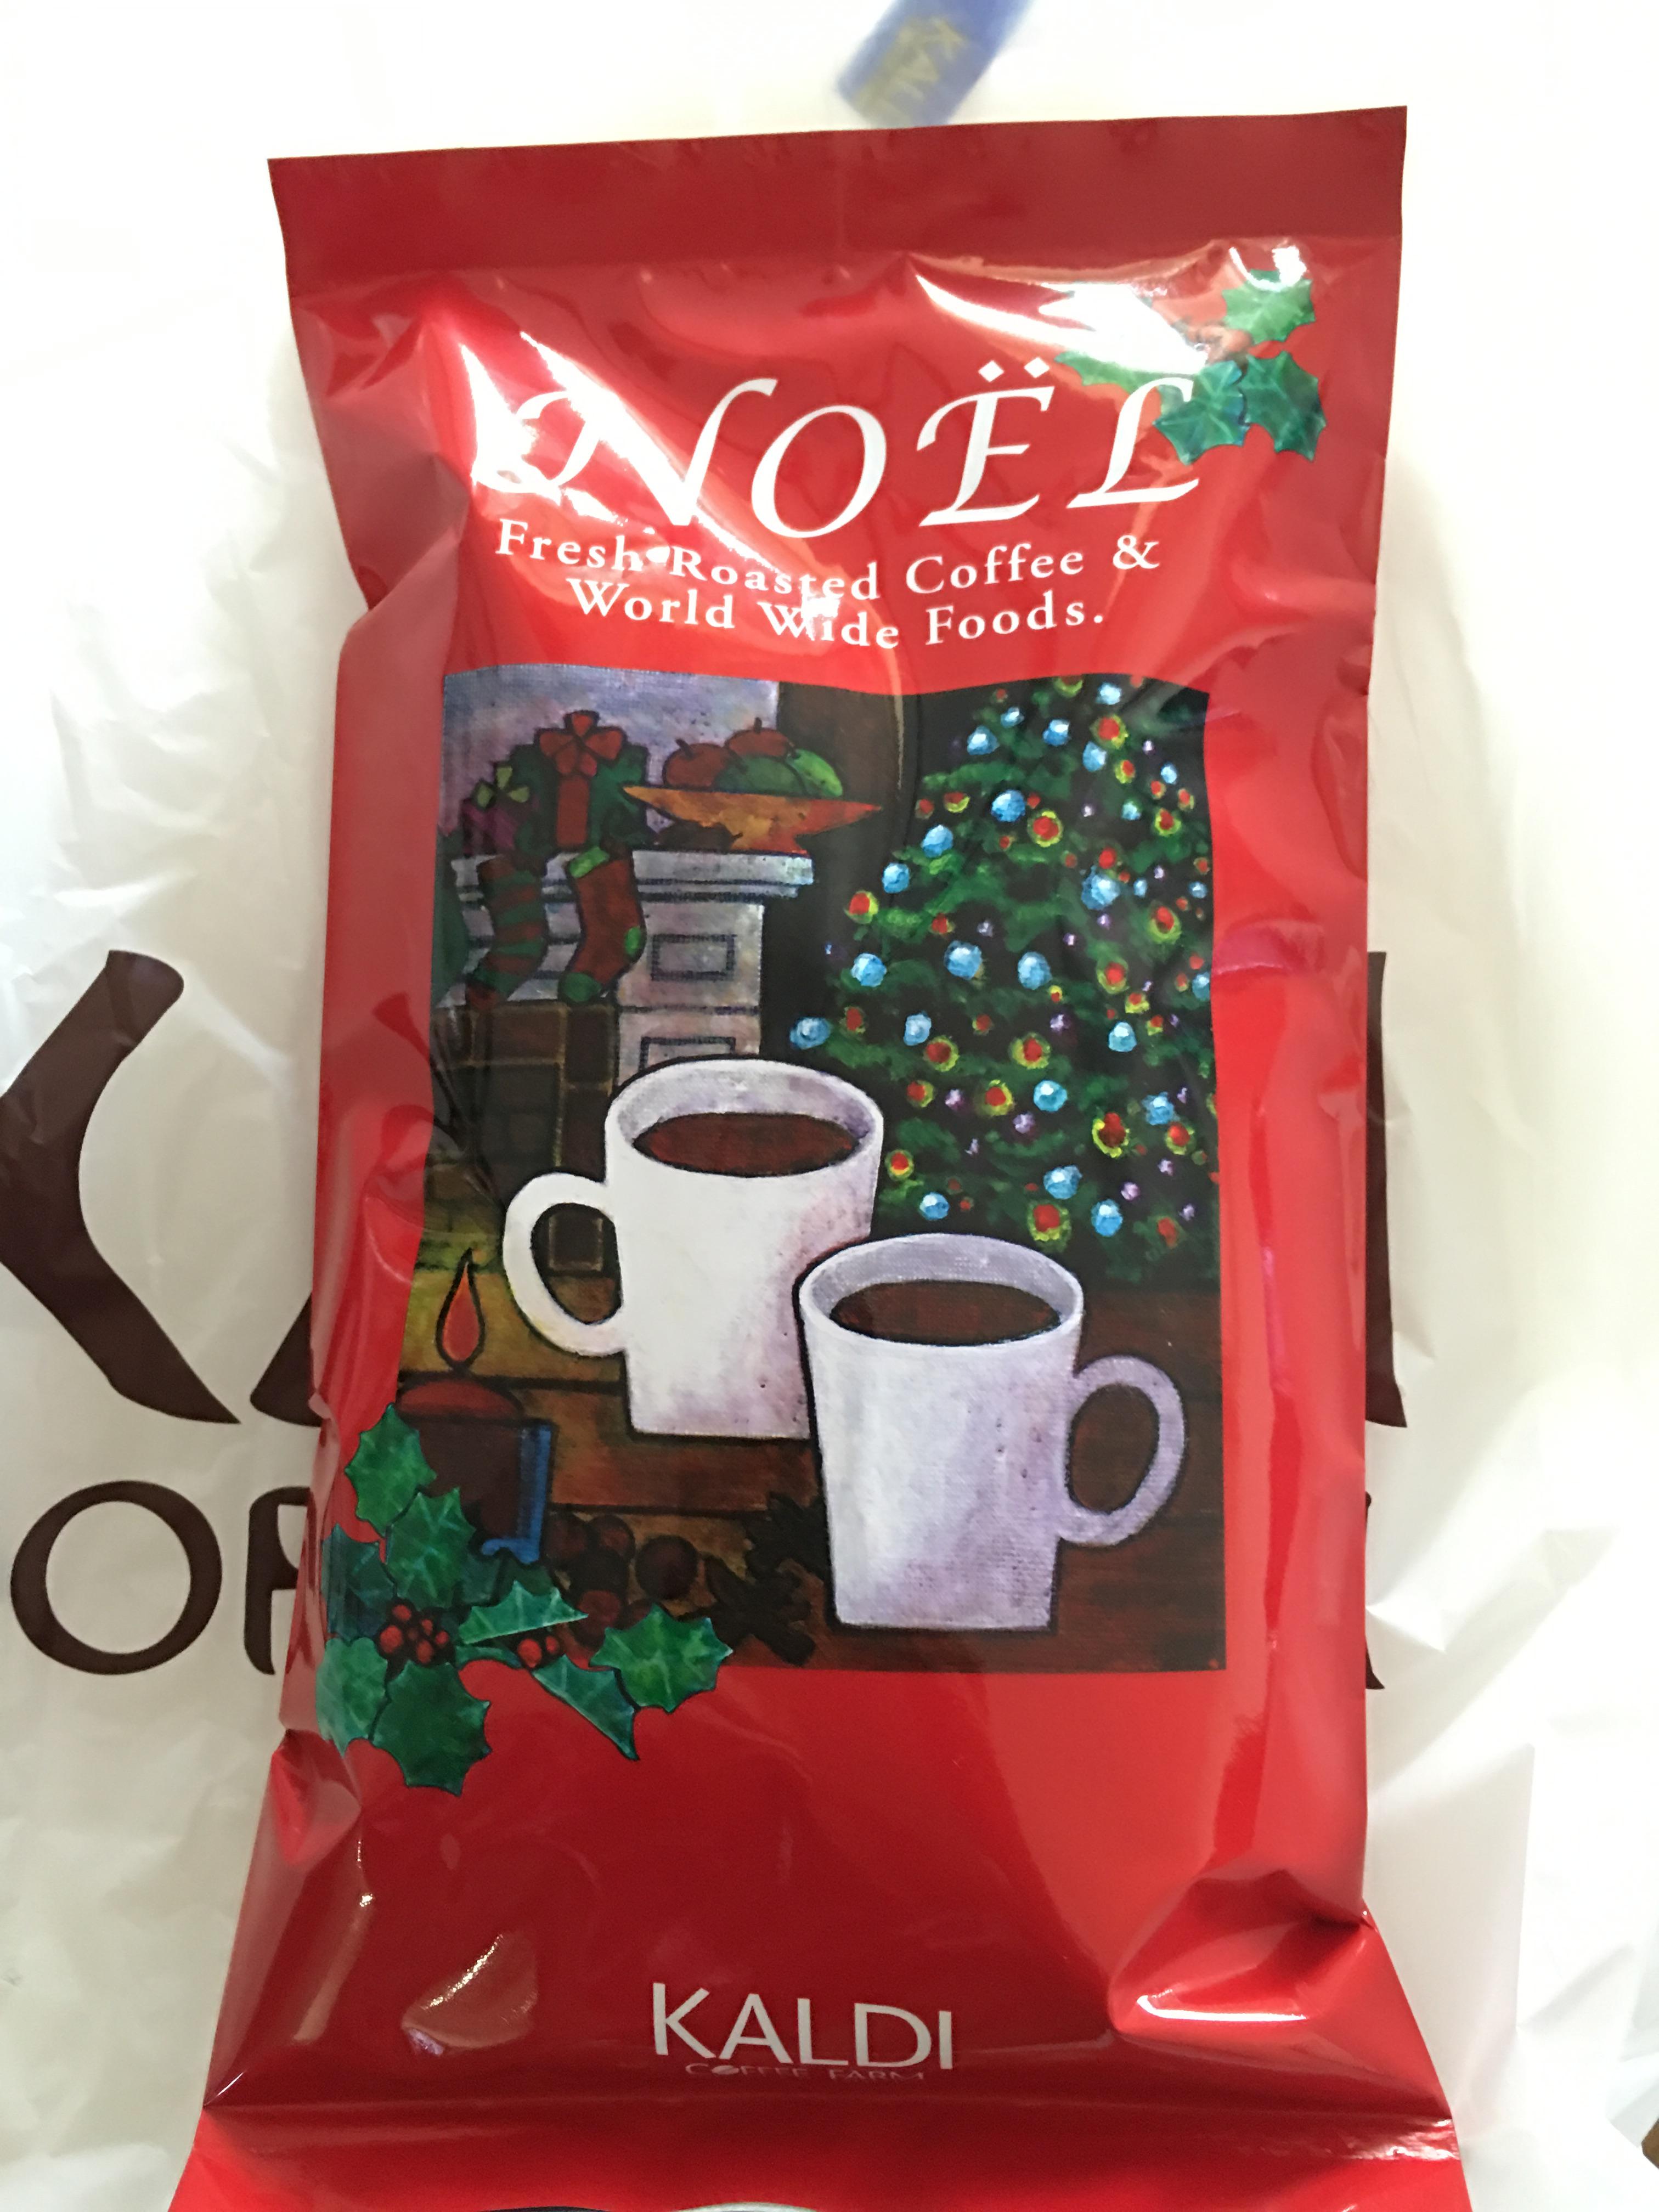 KALDIのコーヒー